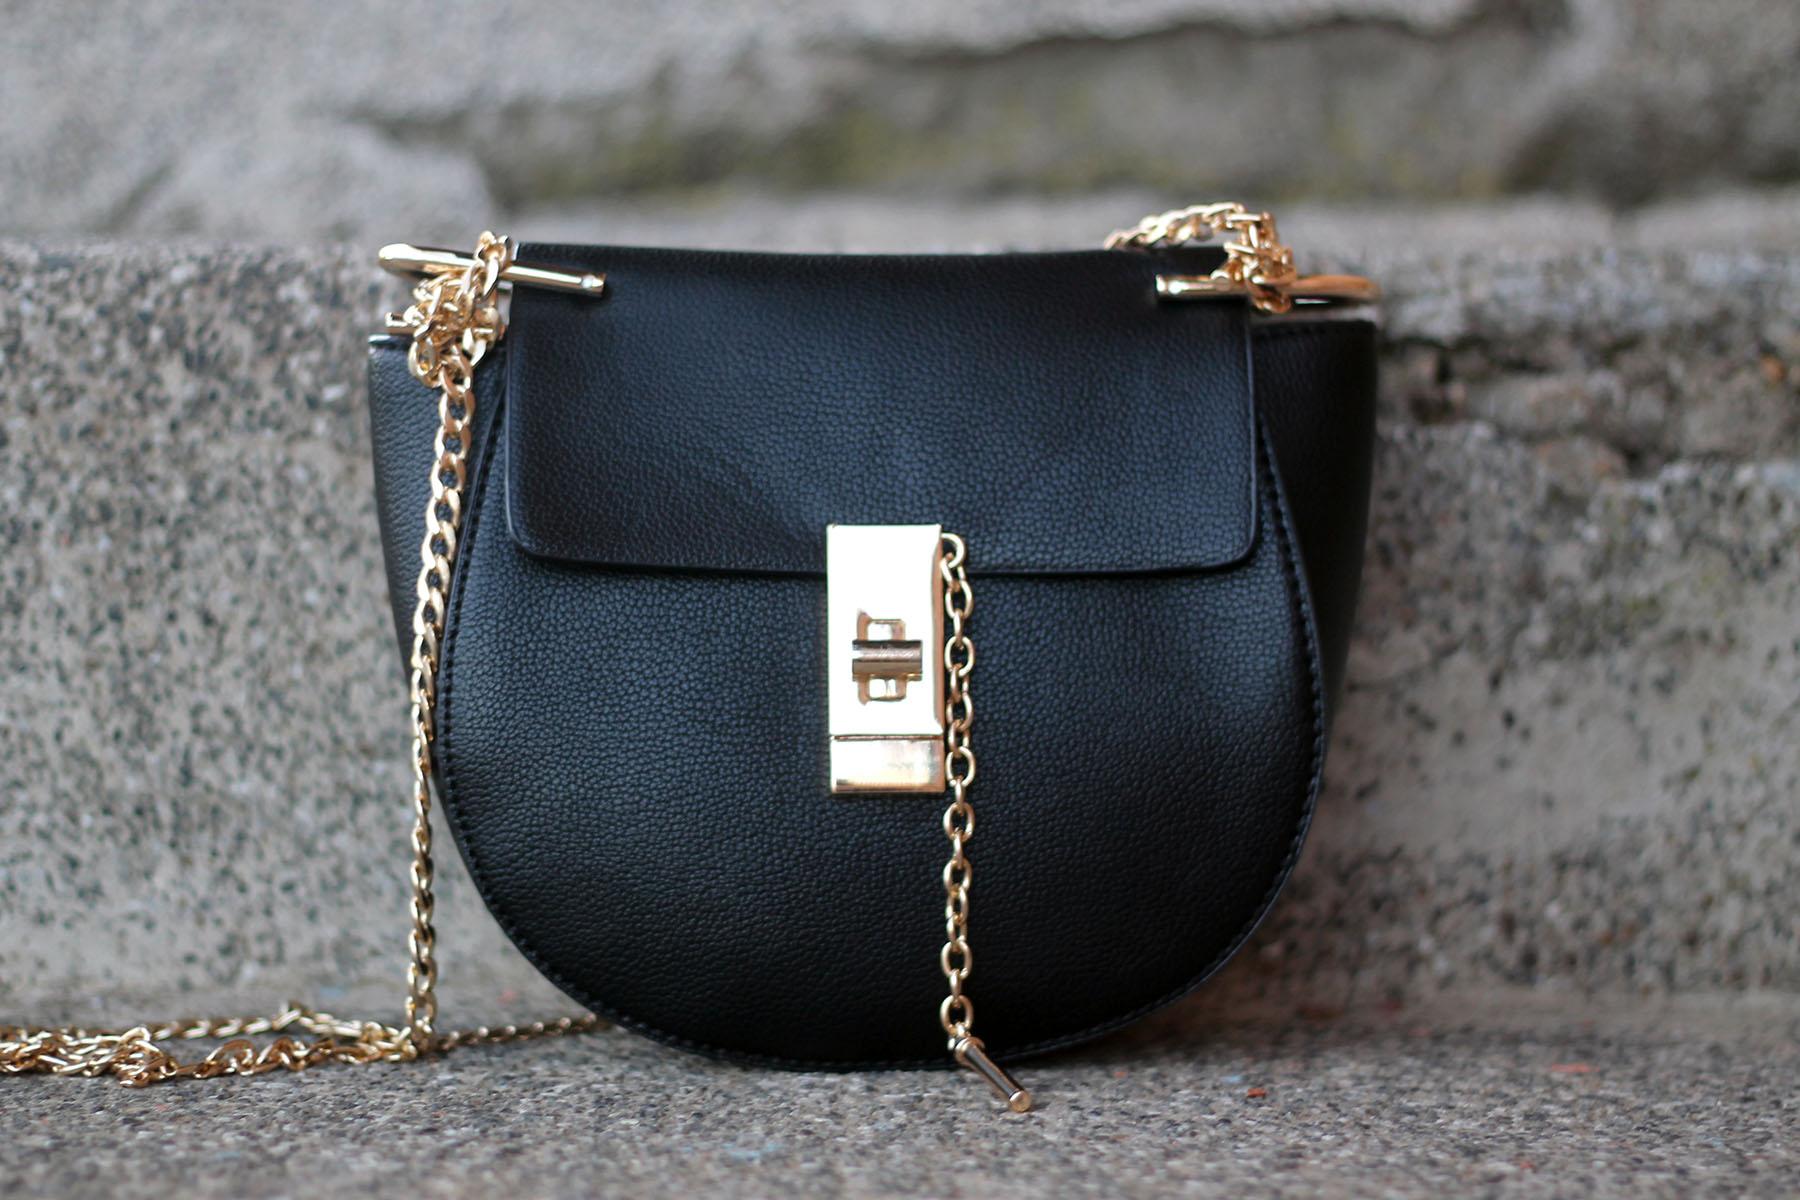 chloe-drew-tasche-bag-lookalike-modeblog